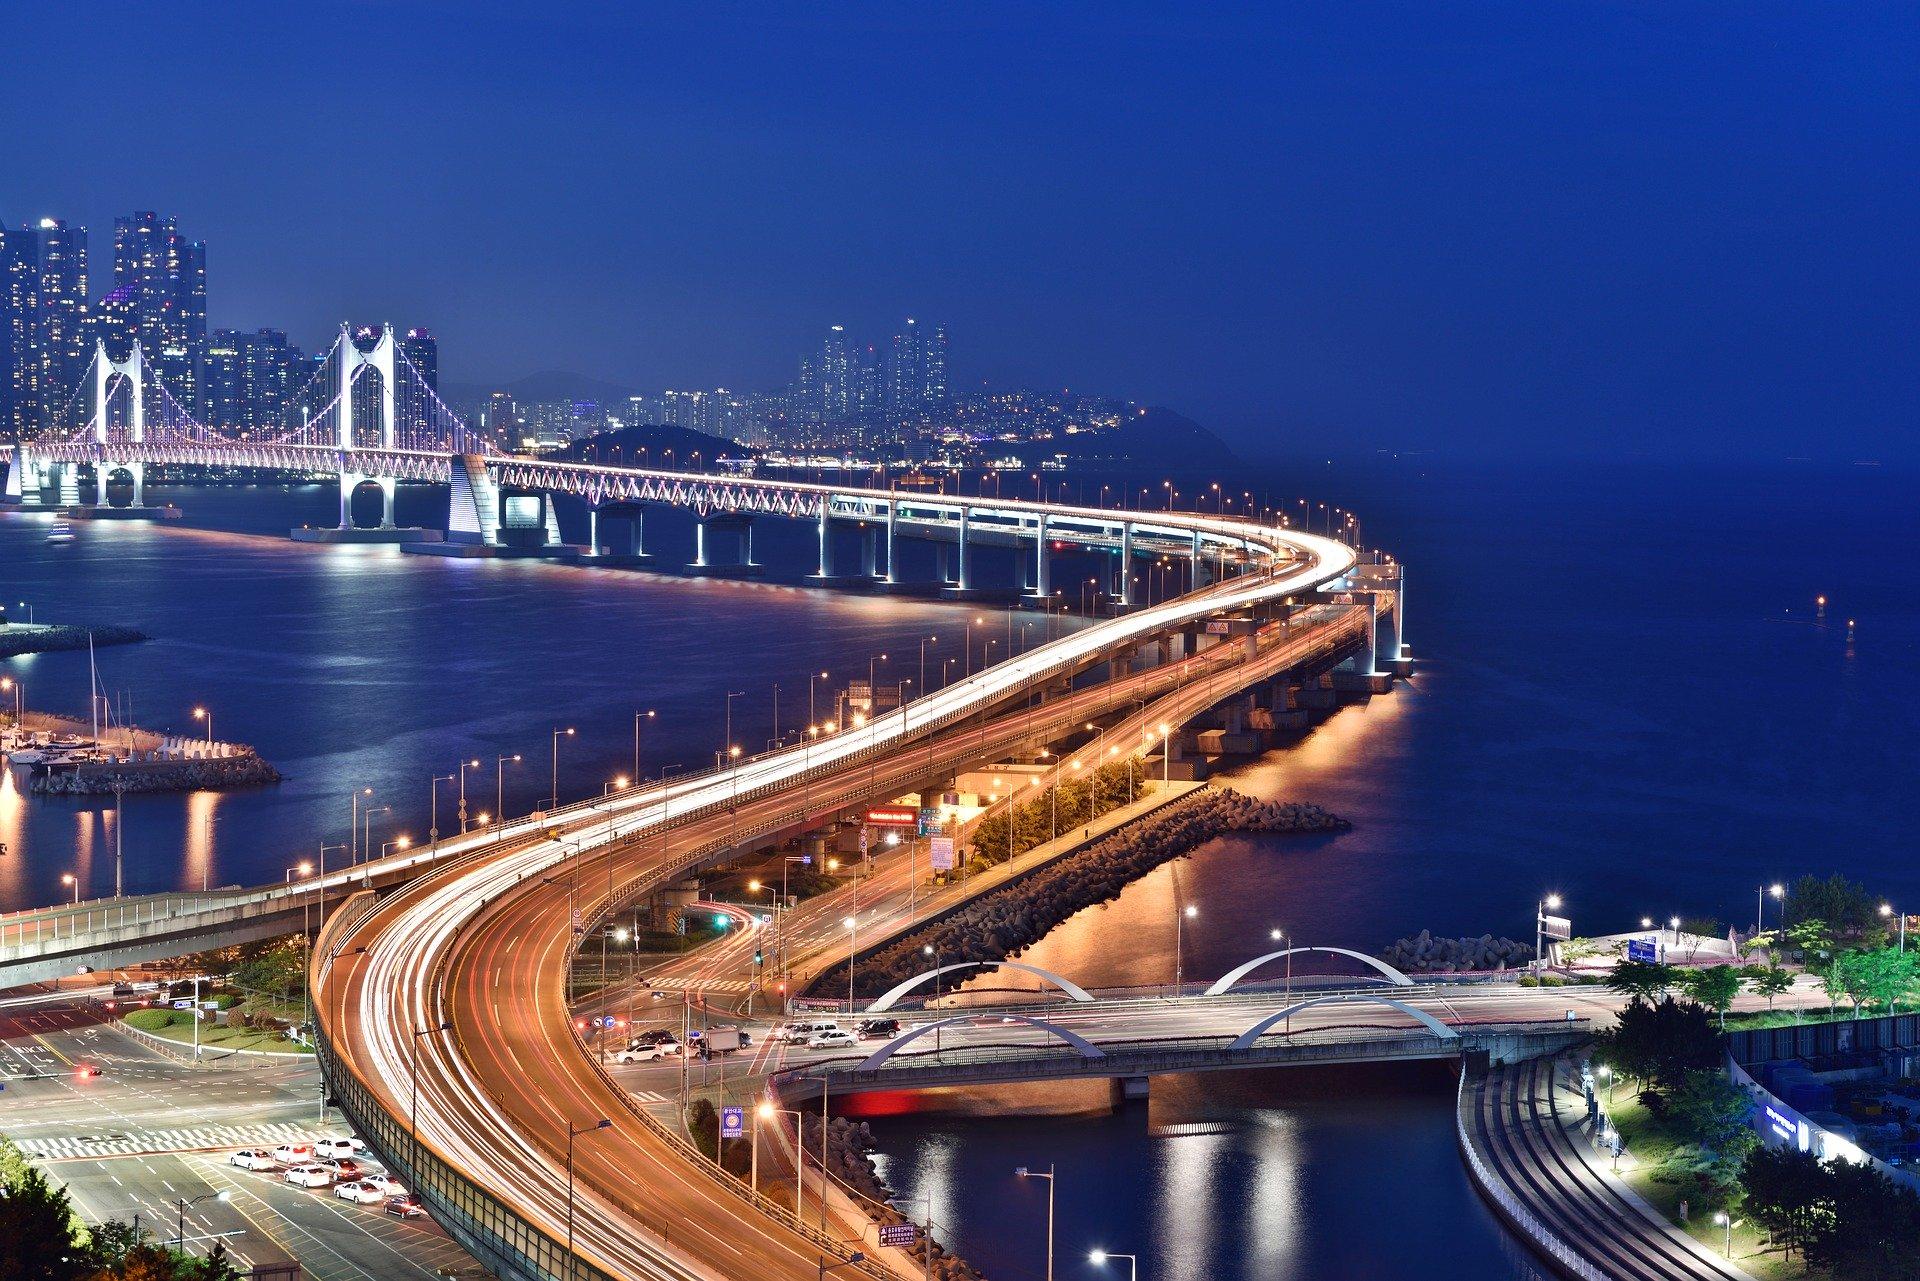 Sprachreise nach Korea: Empfehlungen & Vergleich (05/21)